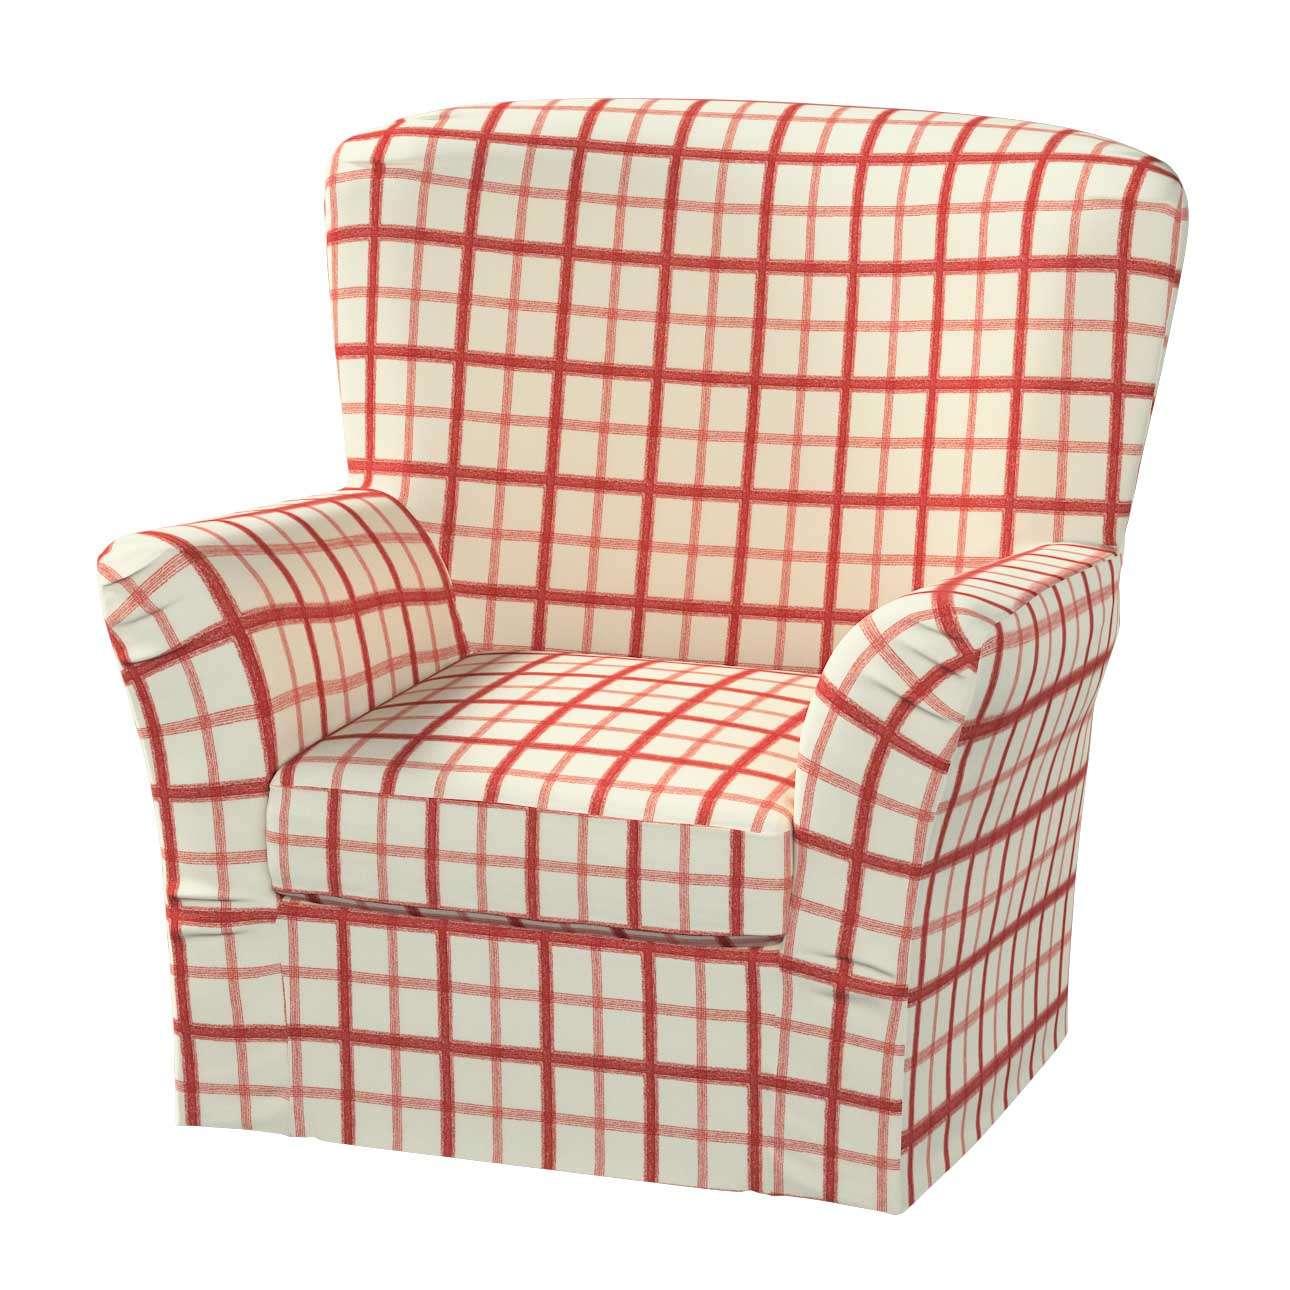 TOMELILLA fotelio užvalkalas TOMELILLA fotelis kolekcijoje Avinon, audinys: 131-15